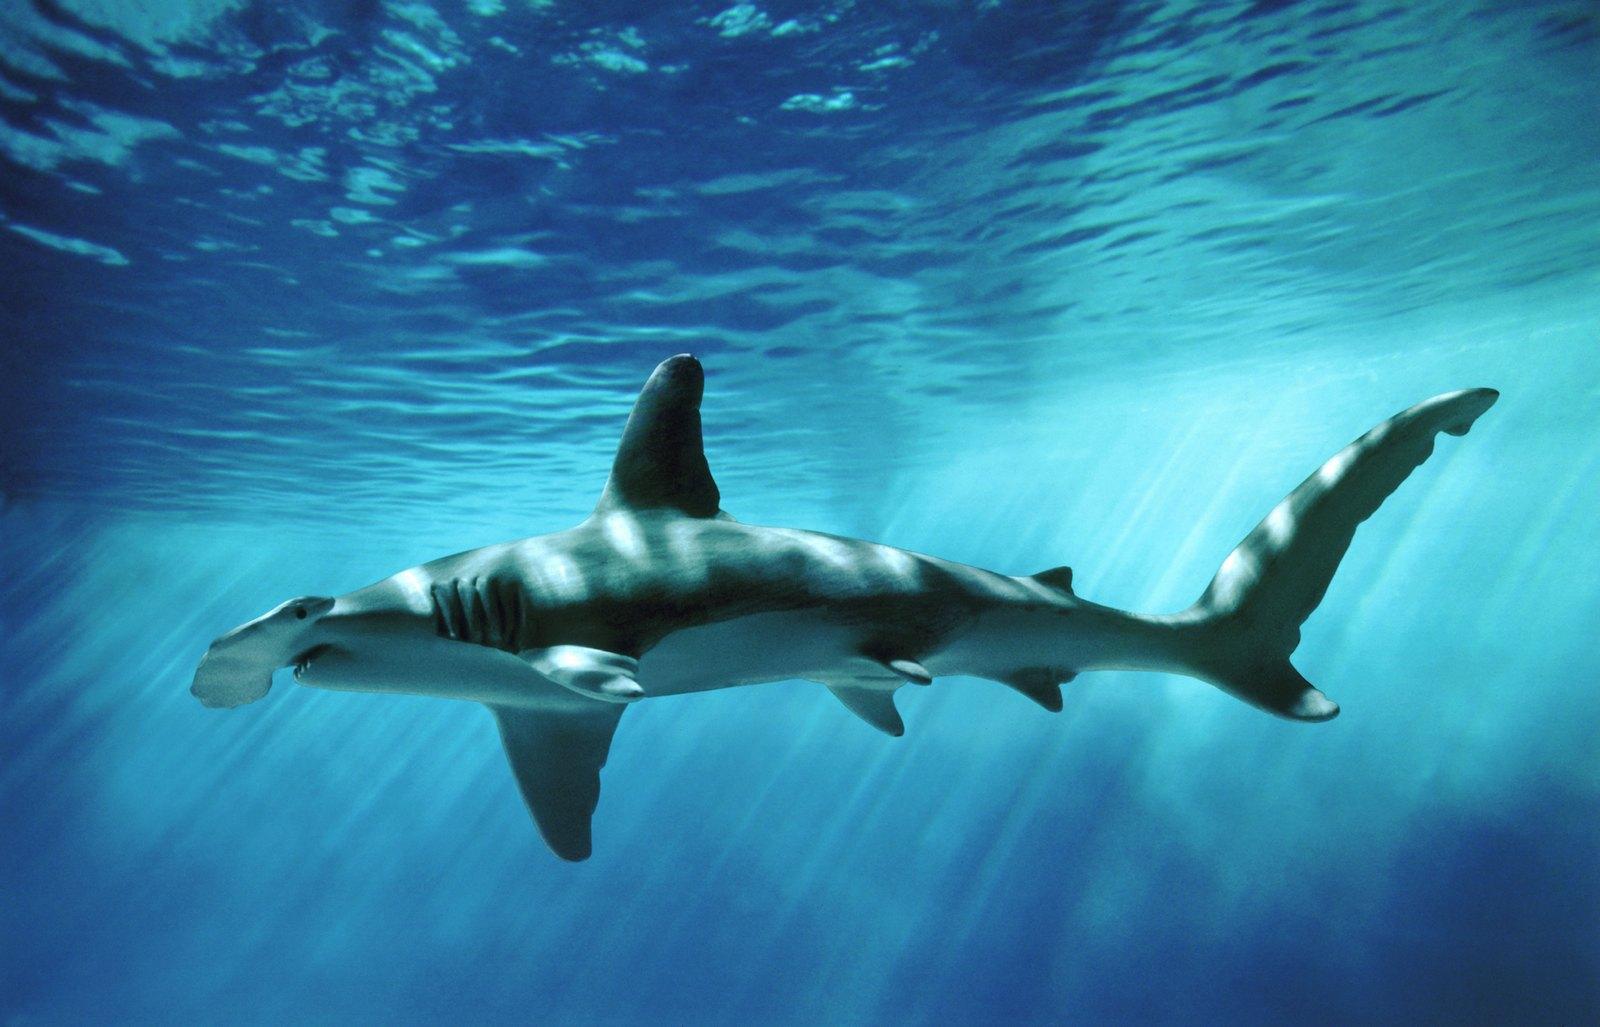 8-Foot Hammerhead Shark Sighting CLOSES 2-Miles of Newport ...